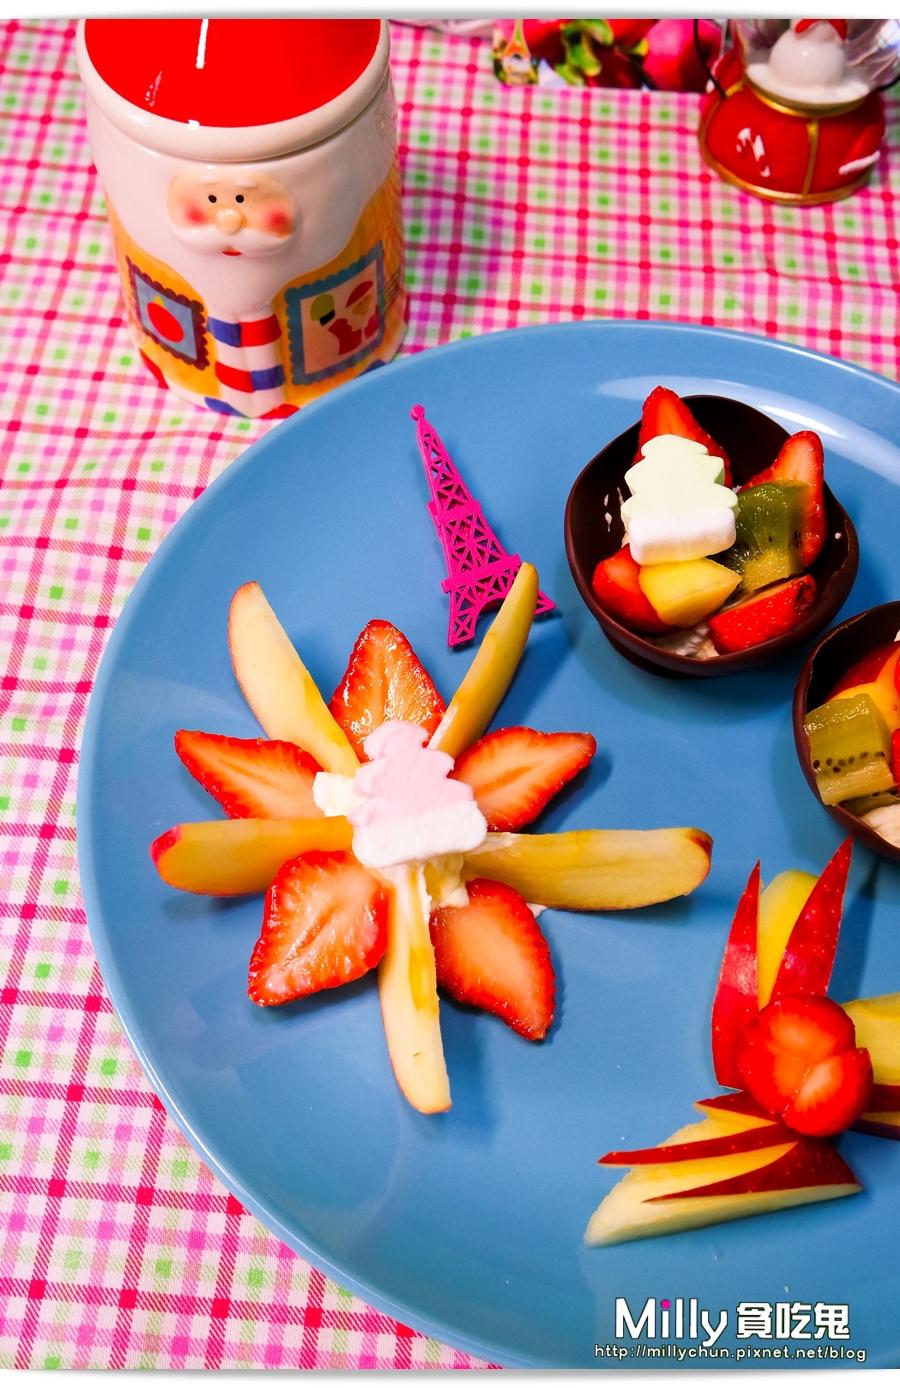 法國食品協會 00050.jpg